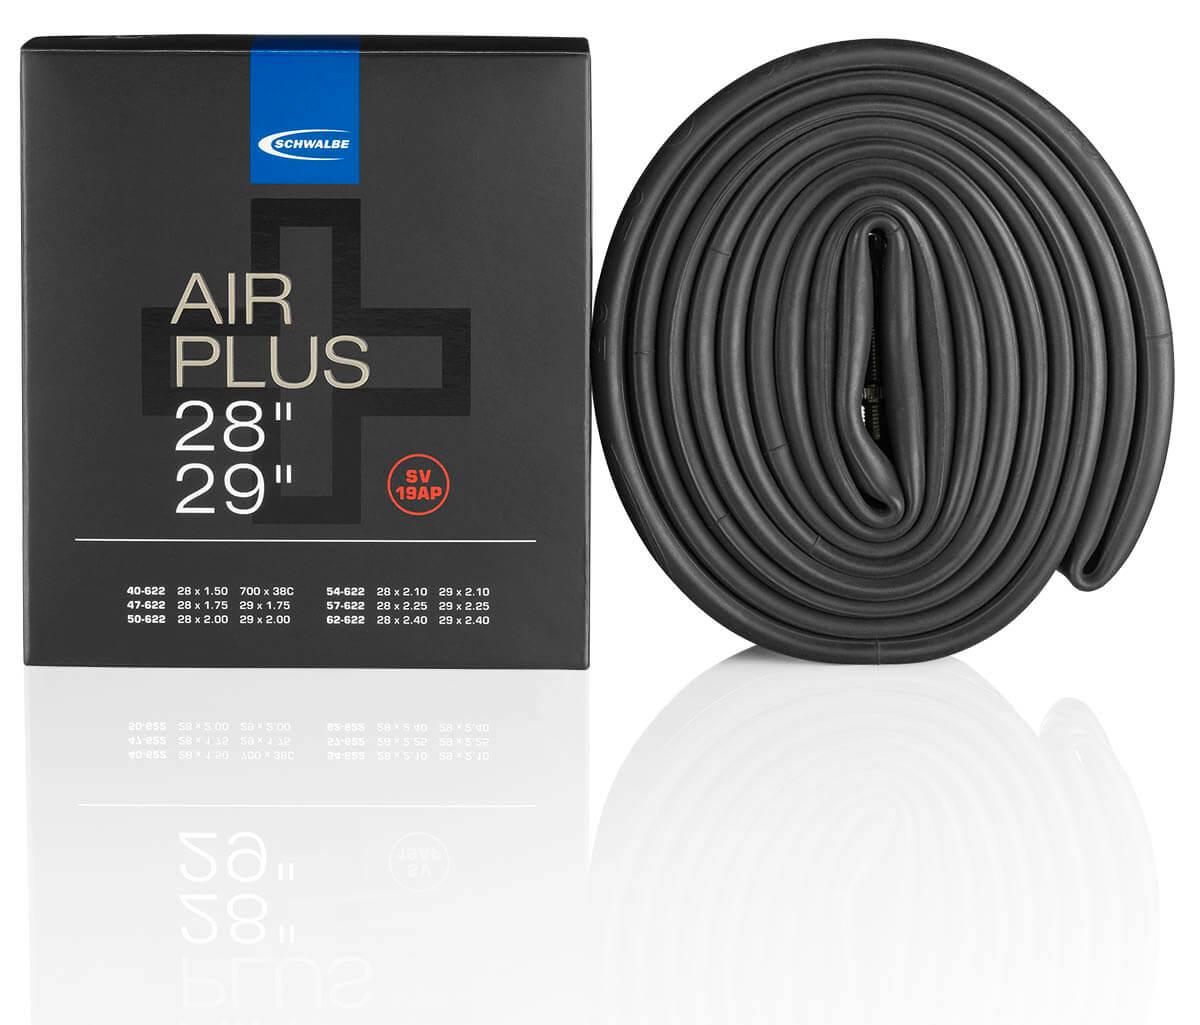 Fahrradschlauch Air Plus von Schwalbe in verschiedenen Größen von 20 bis 29 Zoll